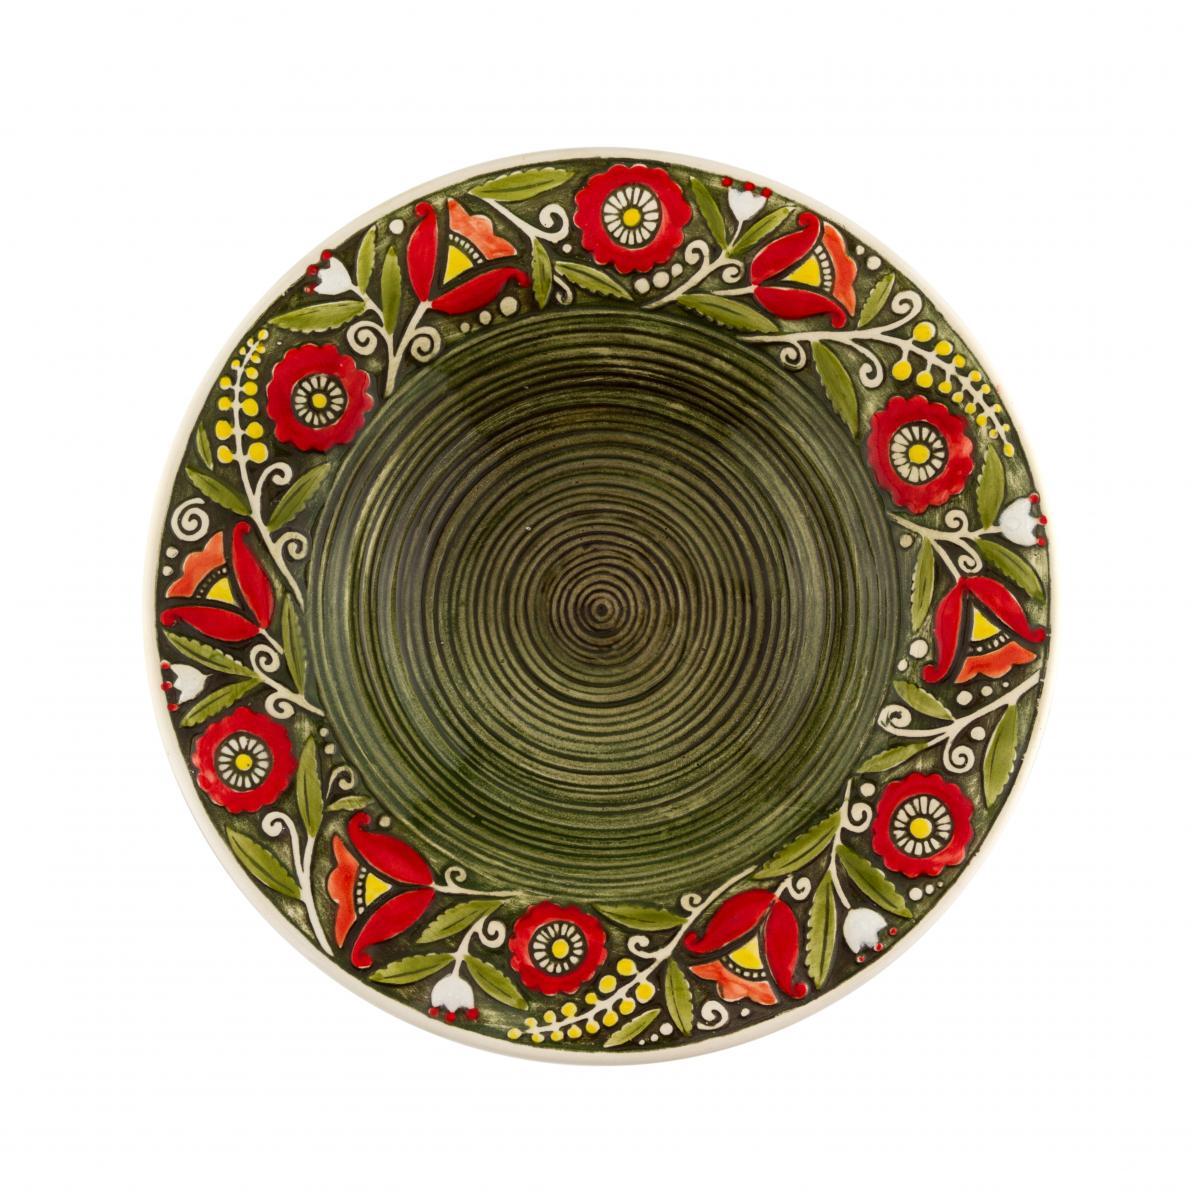 Супова тарілка зелена – 350 мл. Фото №1. | Народний дім Україна